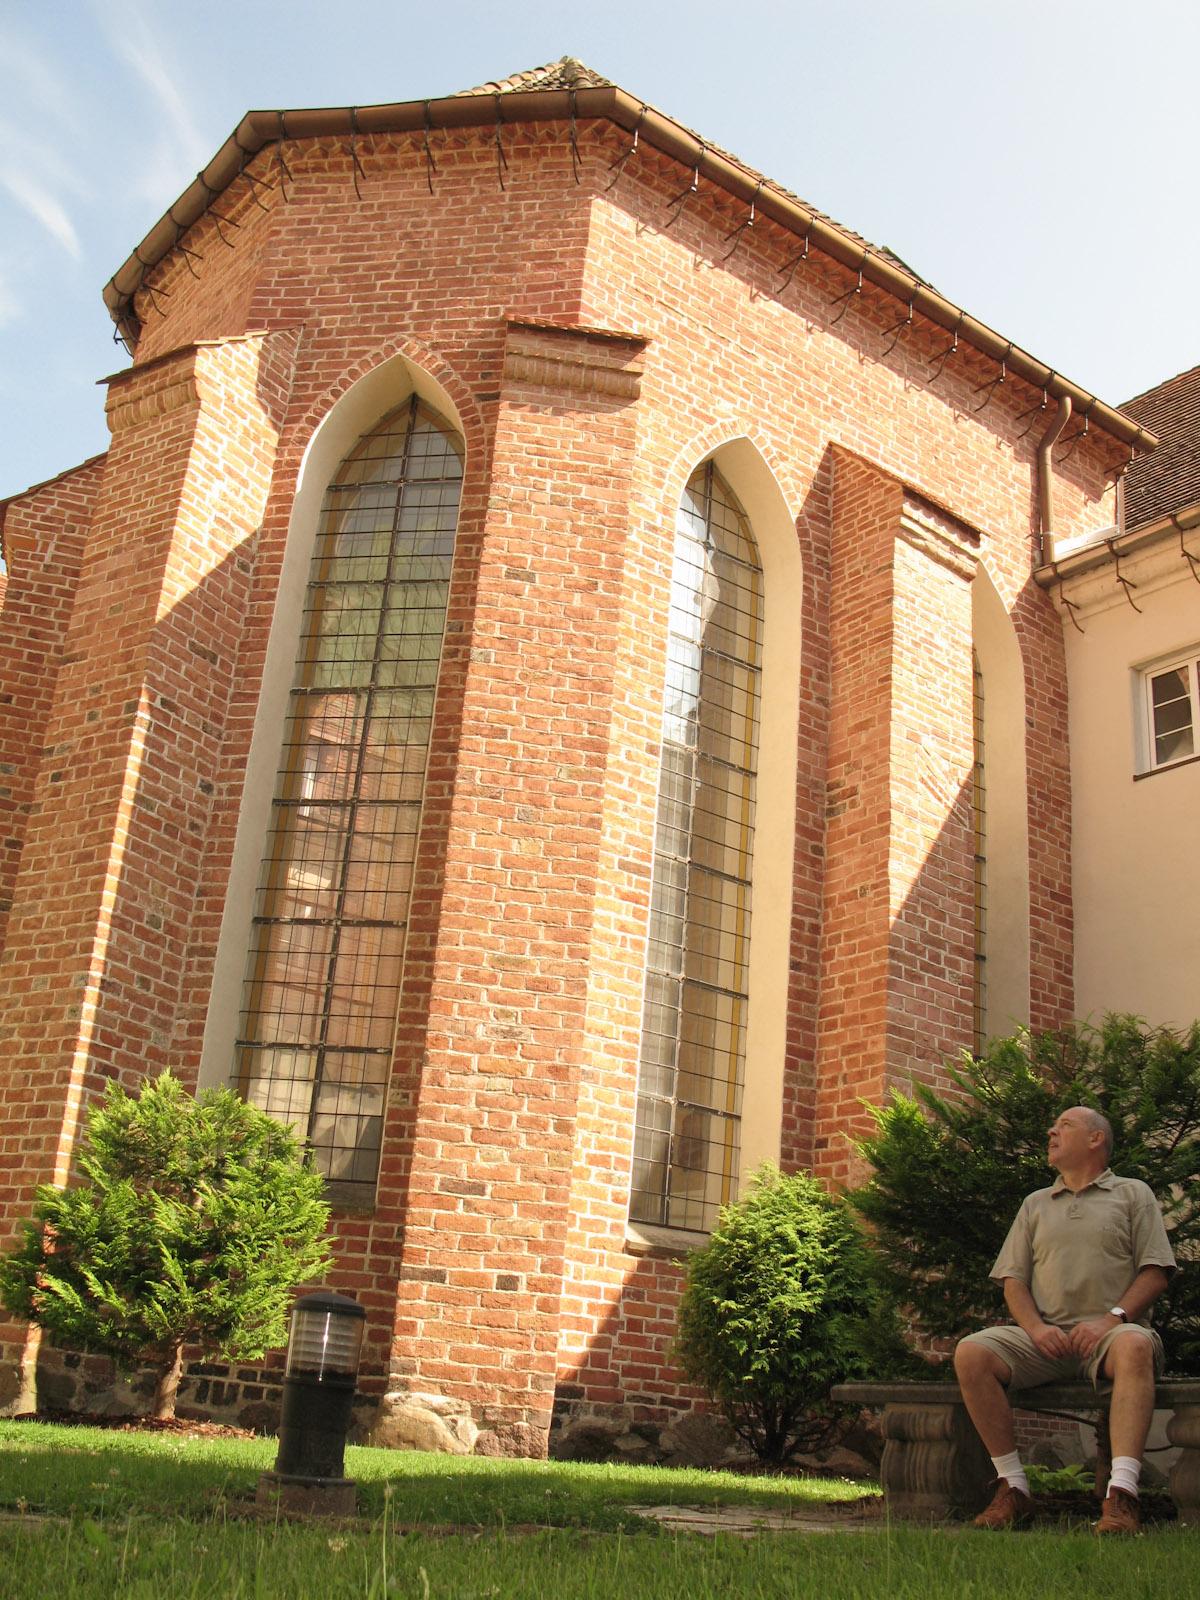 De vader van Bronek in de cisterciënzerabdij in Gdańsk Oliwa